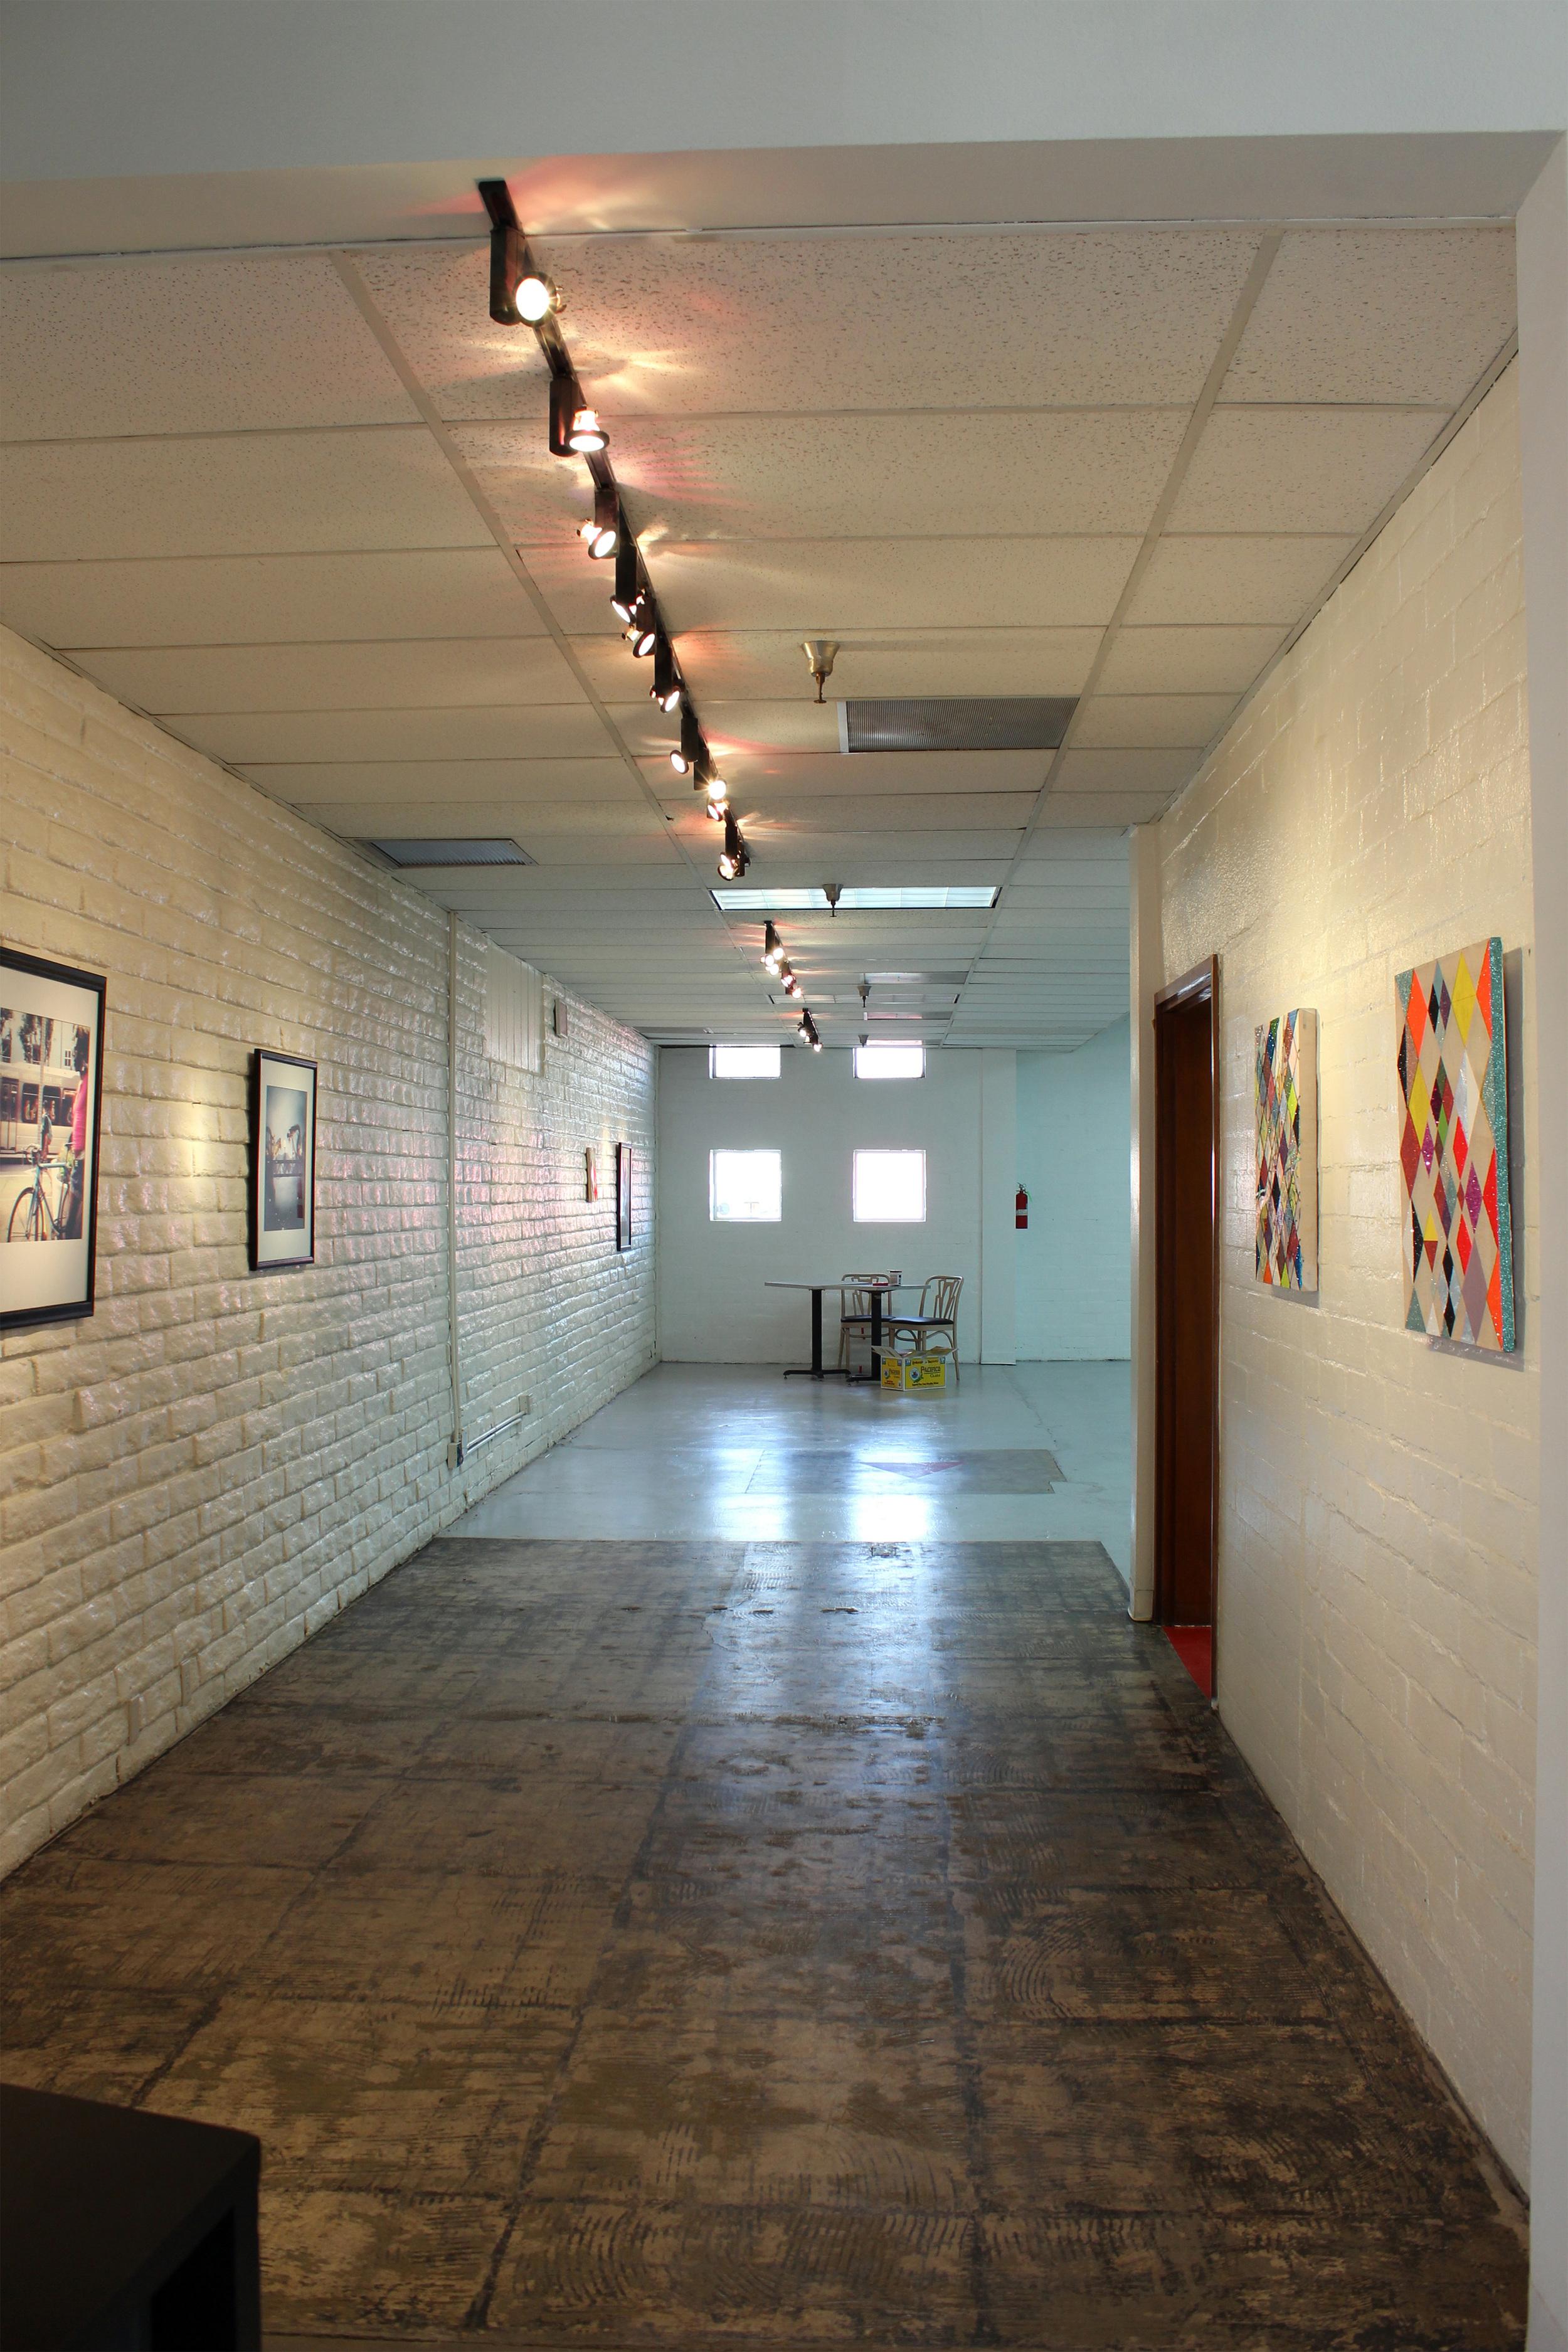 Copy of Main Gallery Entrance